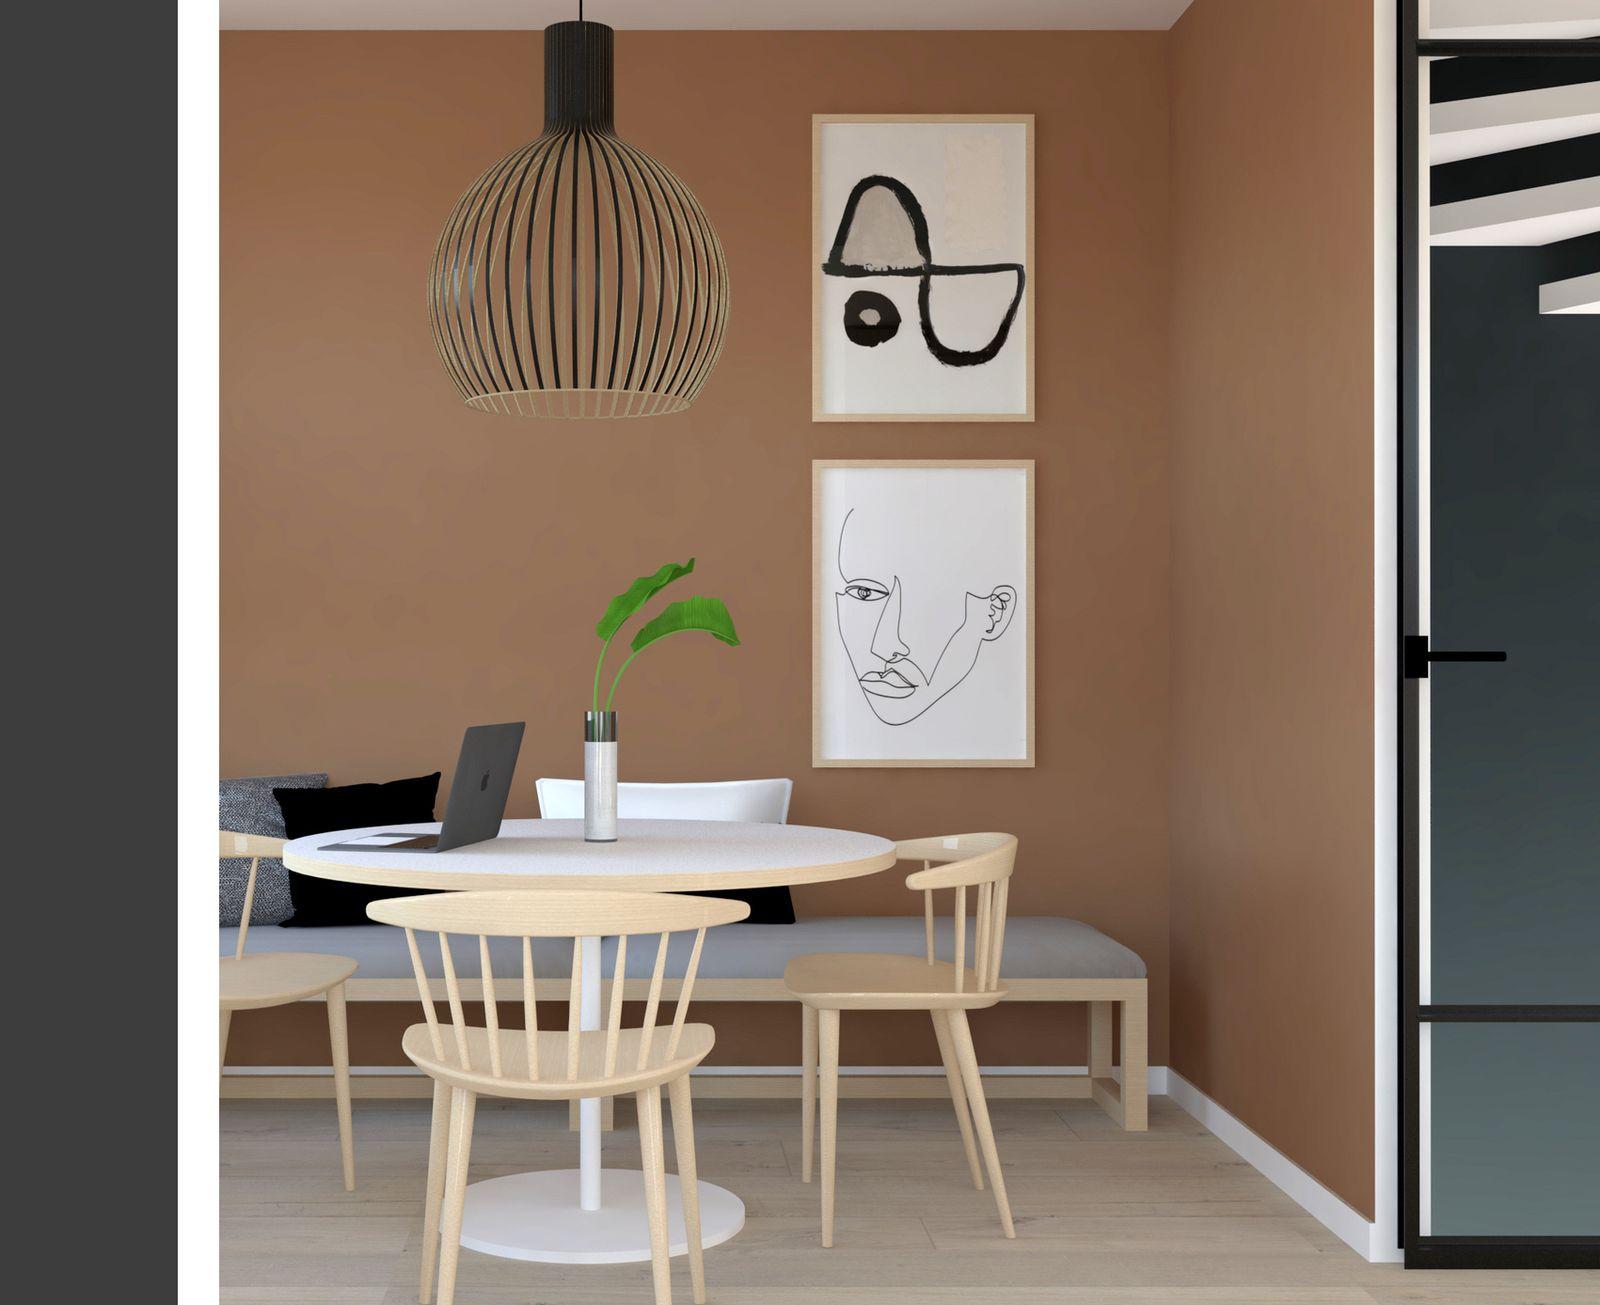 Studio adrianne van dijken stijlvolle tijdloze serene interieurs